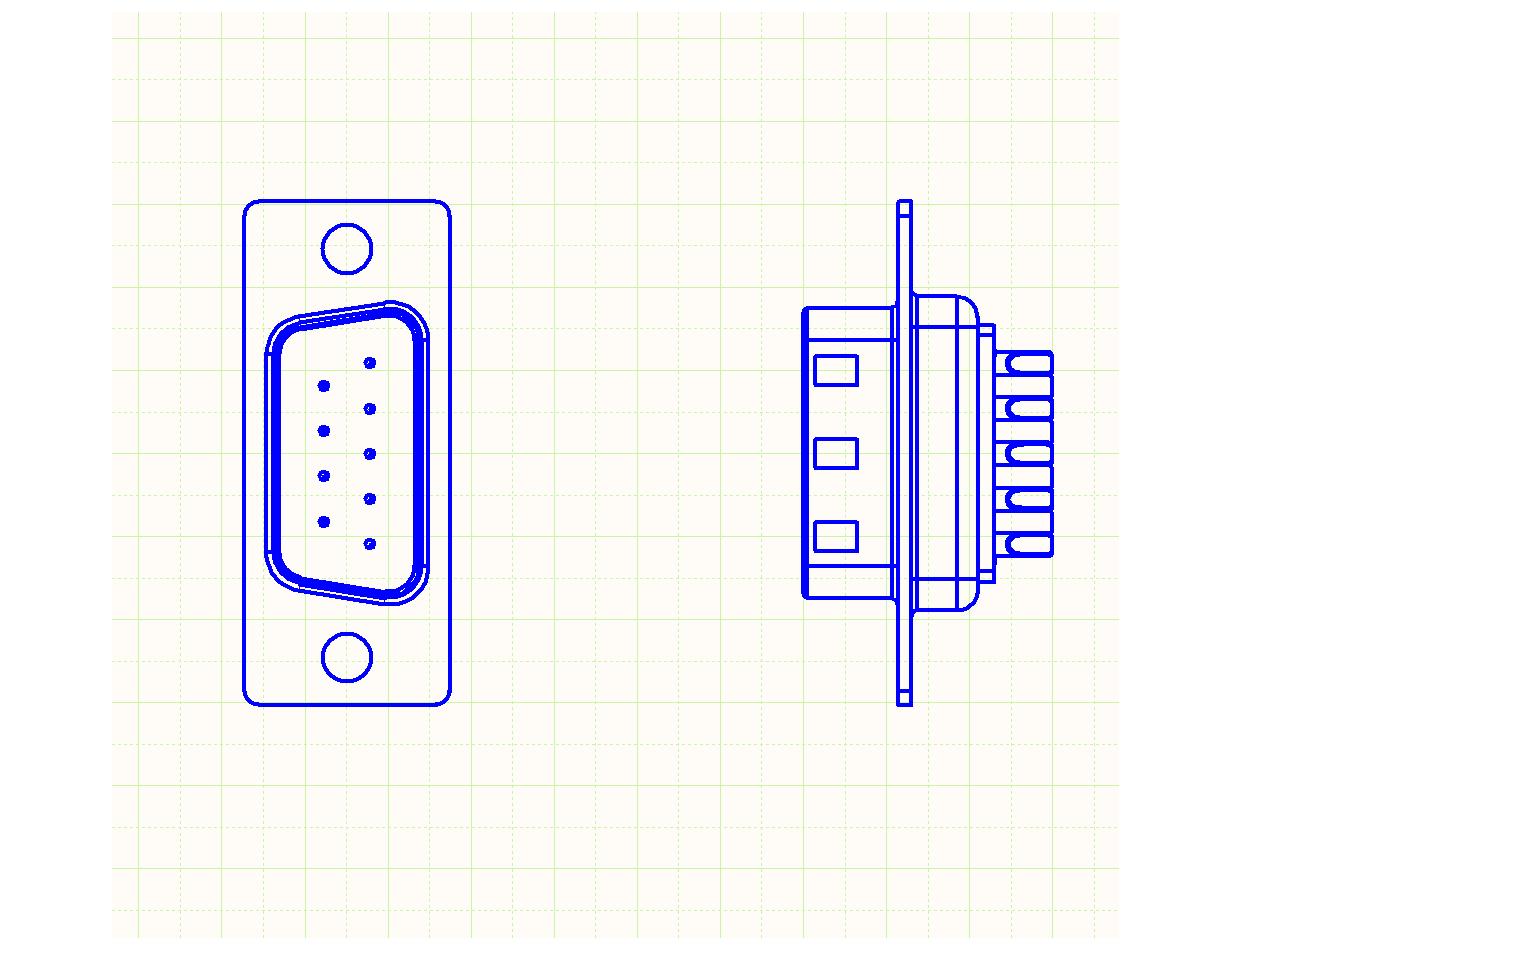 Abbildung 1. 1:1 CAD-Zeichnung zum PCB-Kabeldesign